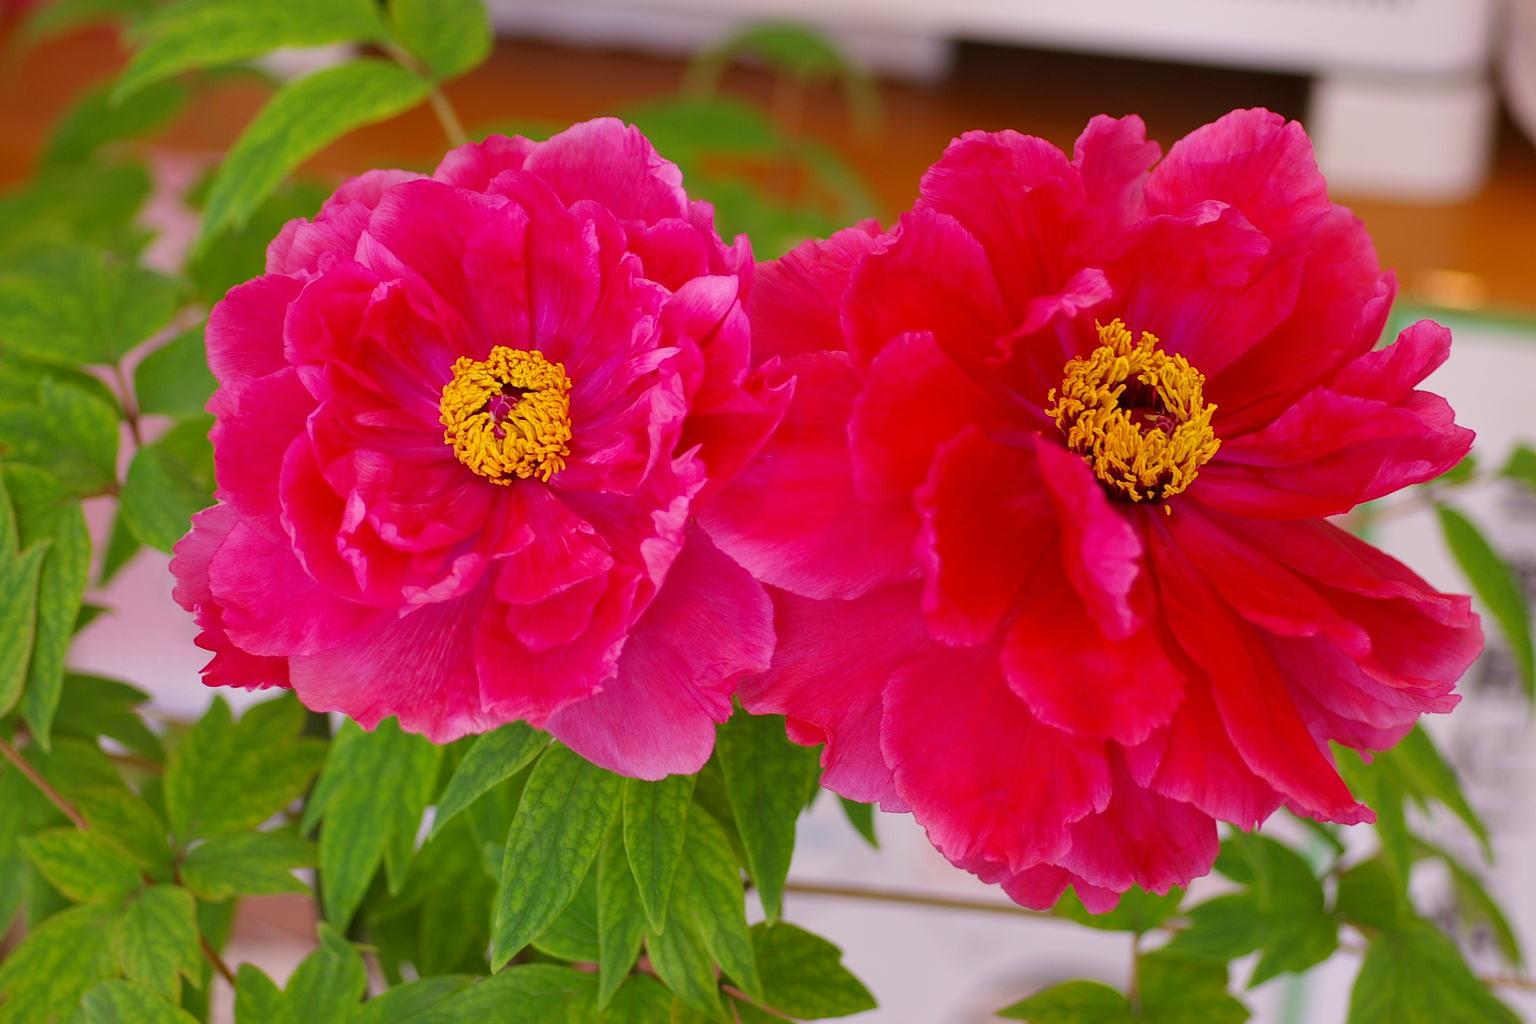 今年も真紅の牡丹が咲きました